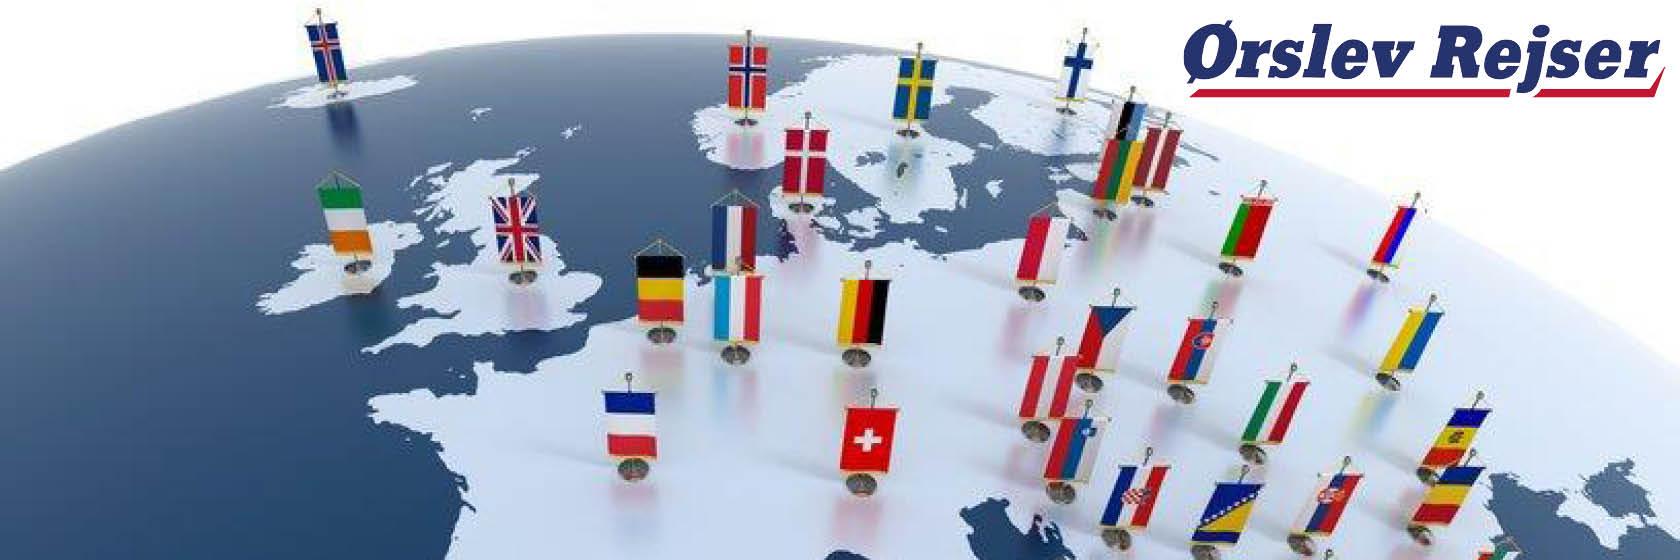 Kvalitetsrejser i Danmark og udlandet